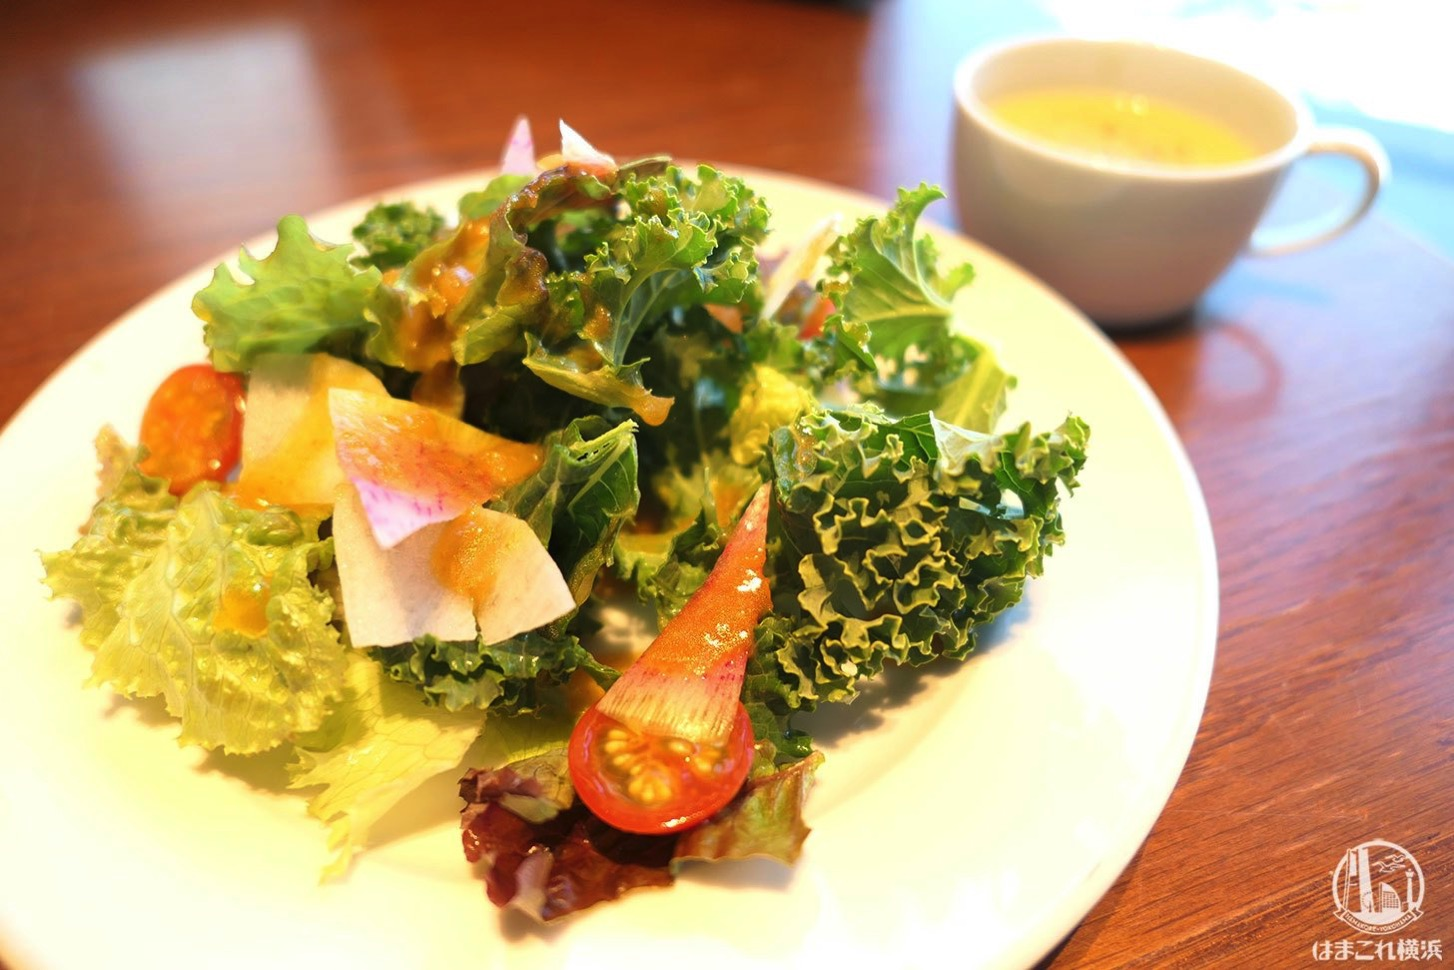 ケールのサラダとコーンスープ